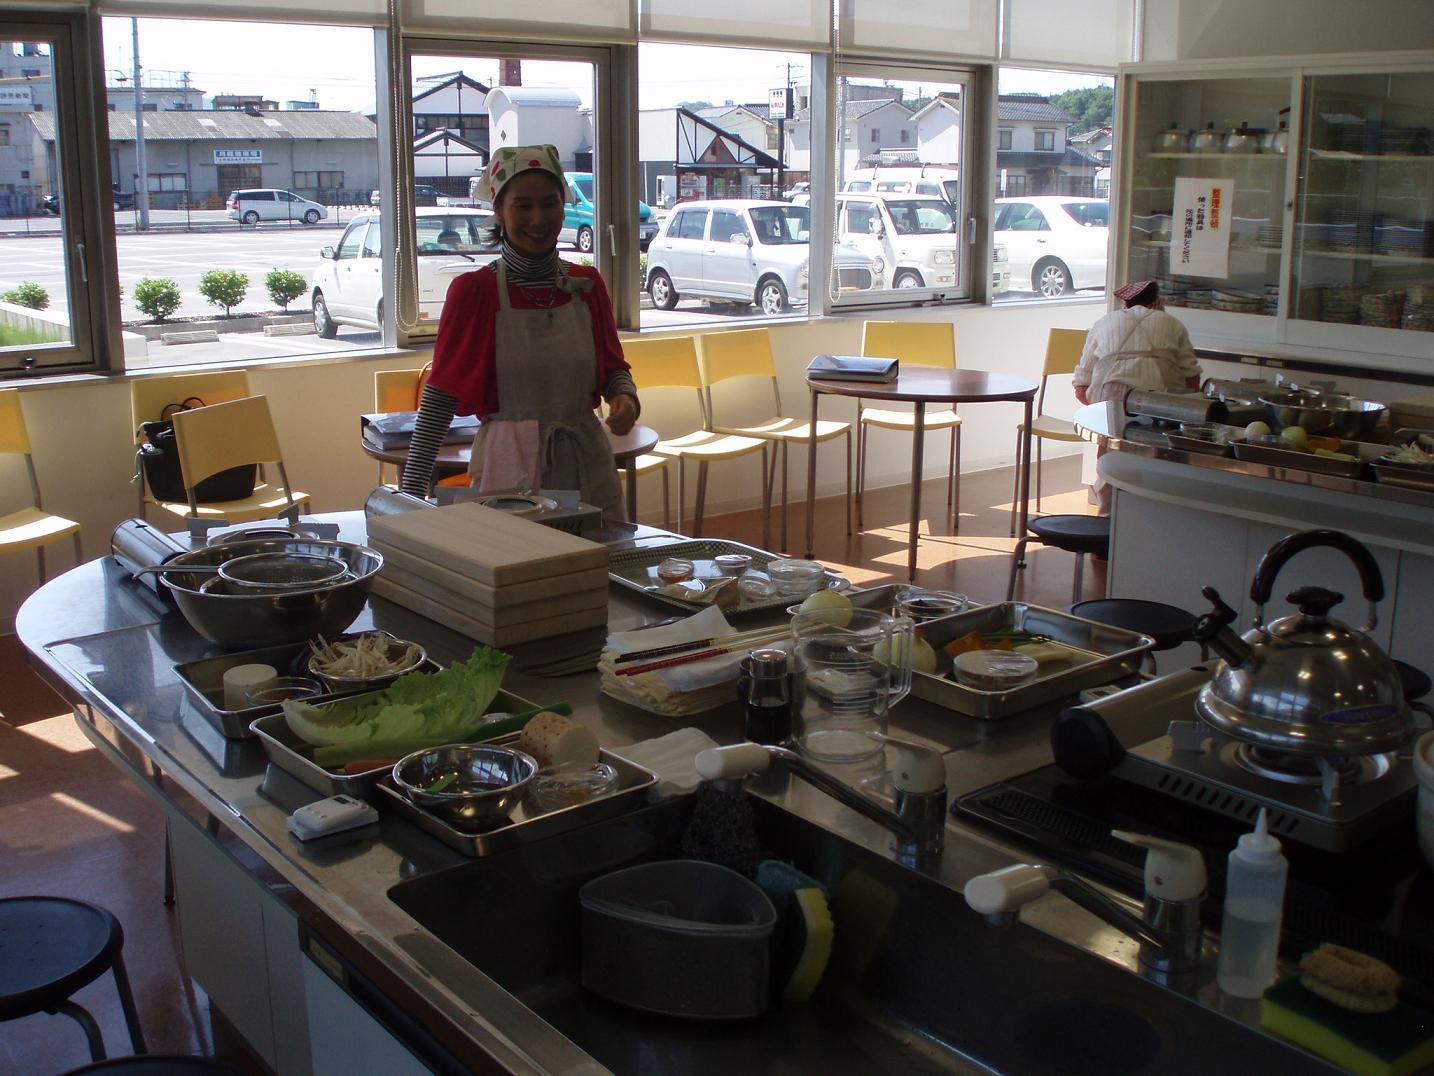 日本滞在記⑦ 広島レベル2の講義と調理実習_f0095325_20352580.jpg